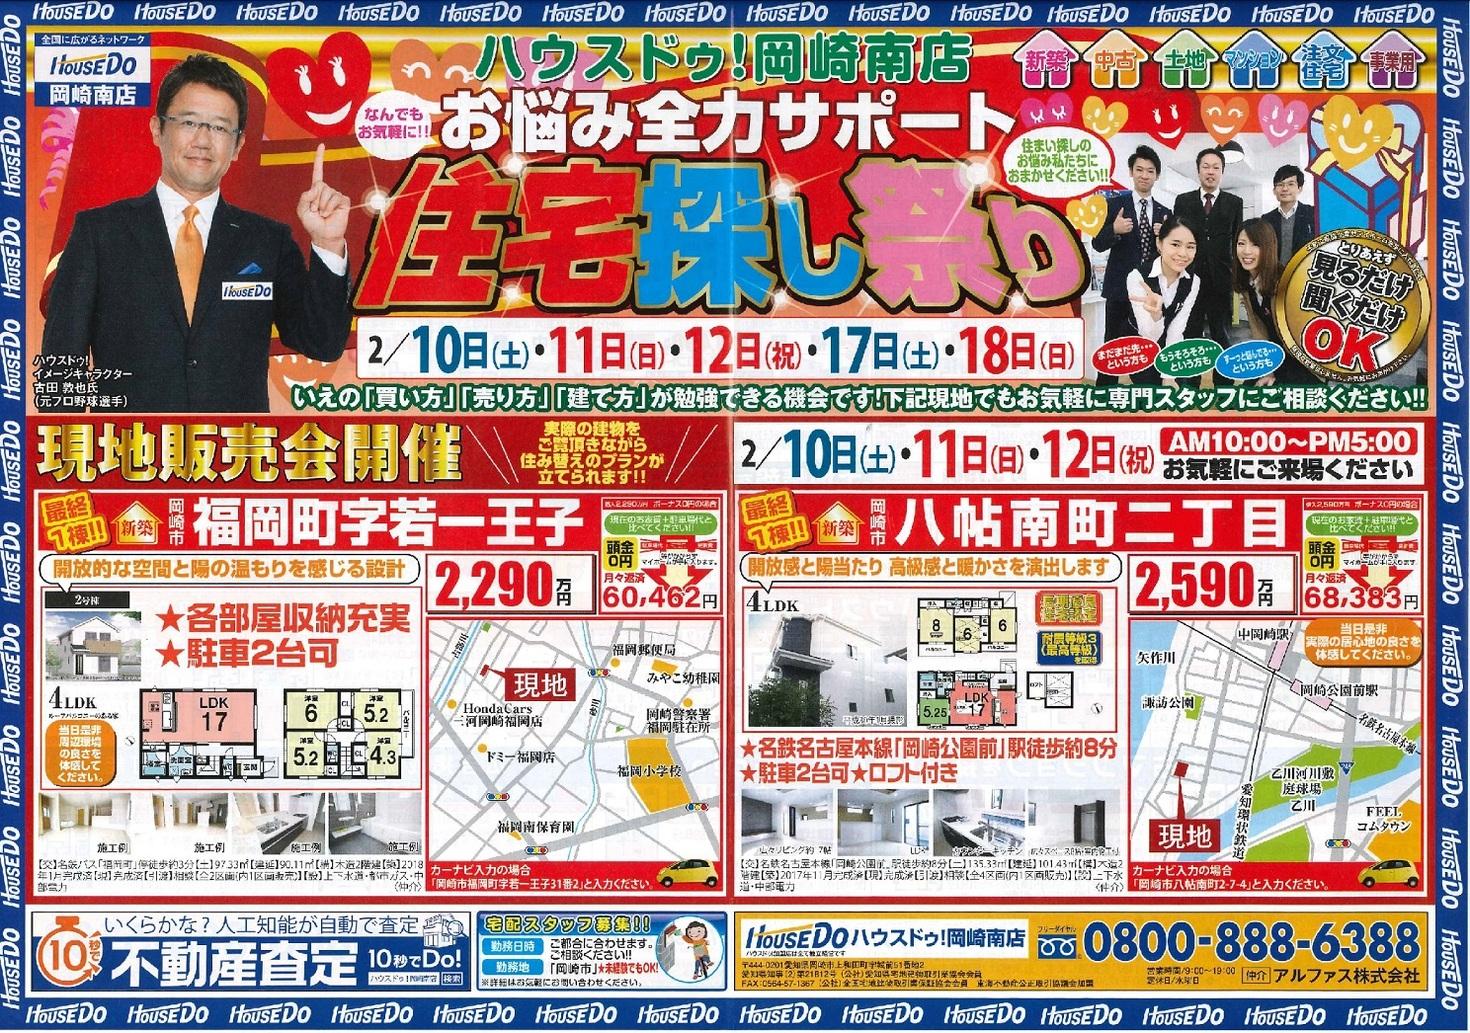 ♪ ハウスドゥ!岡崎南店 最新不動産チラシ 2018年2月号 ♪